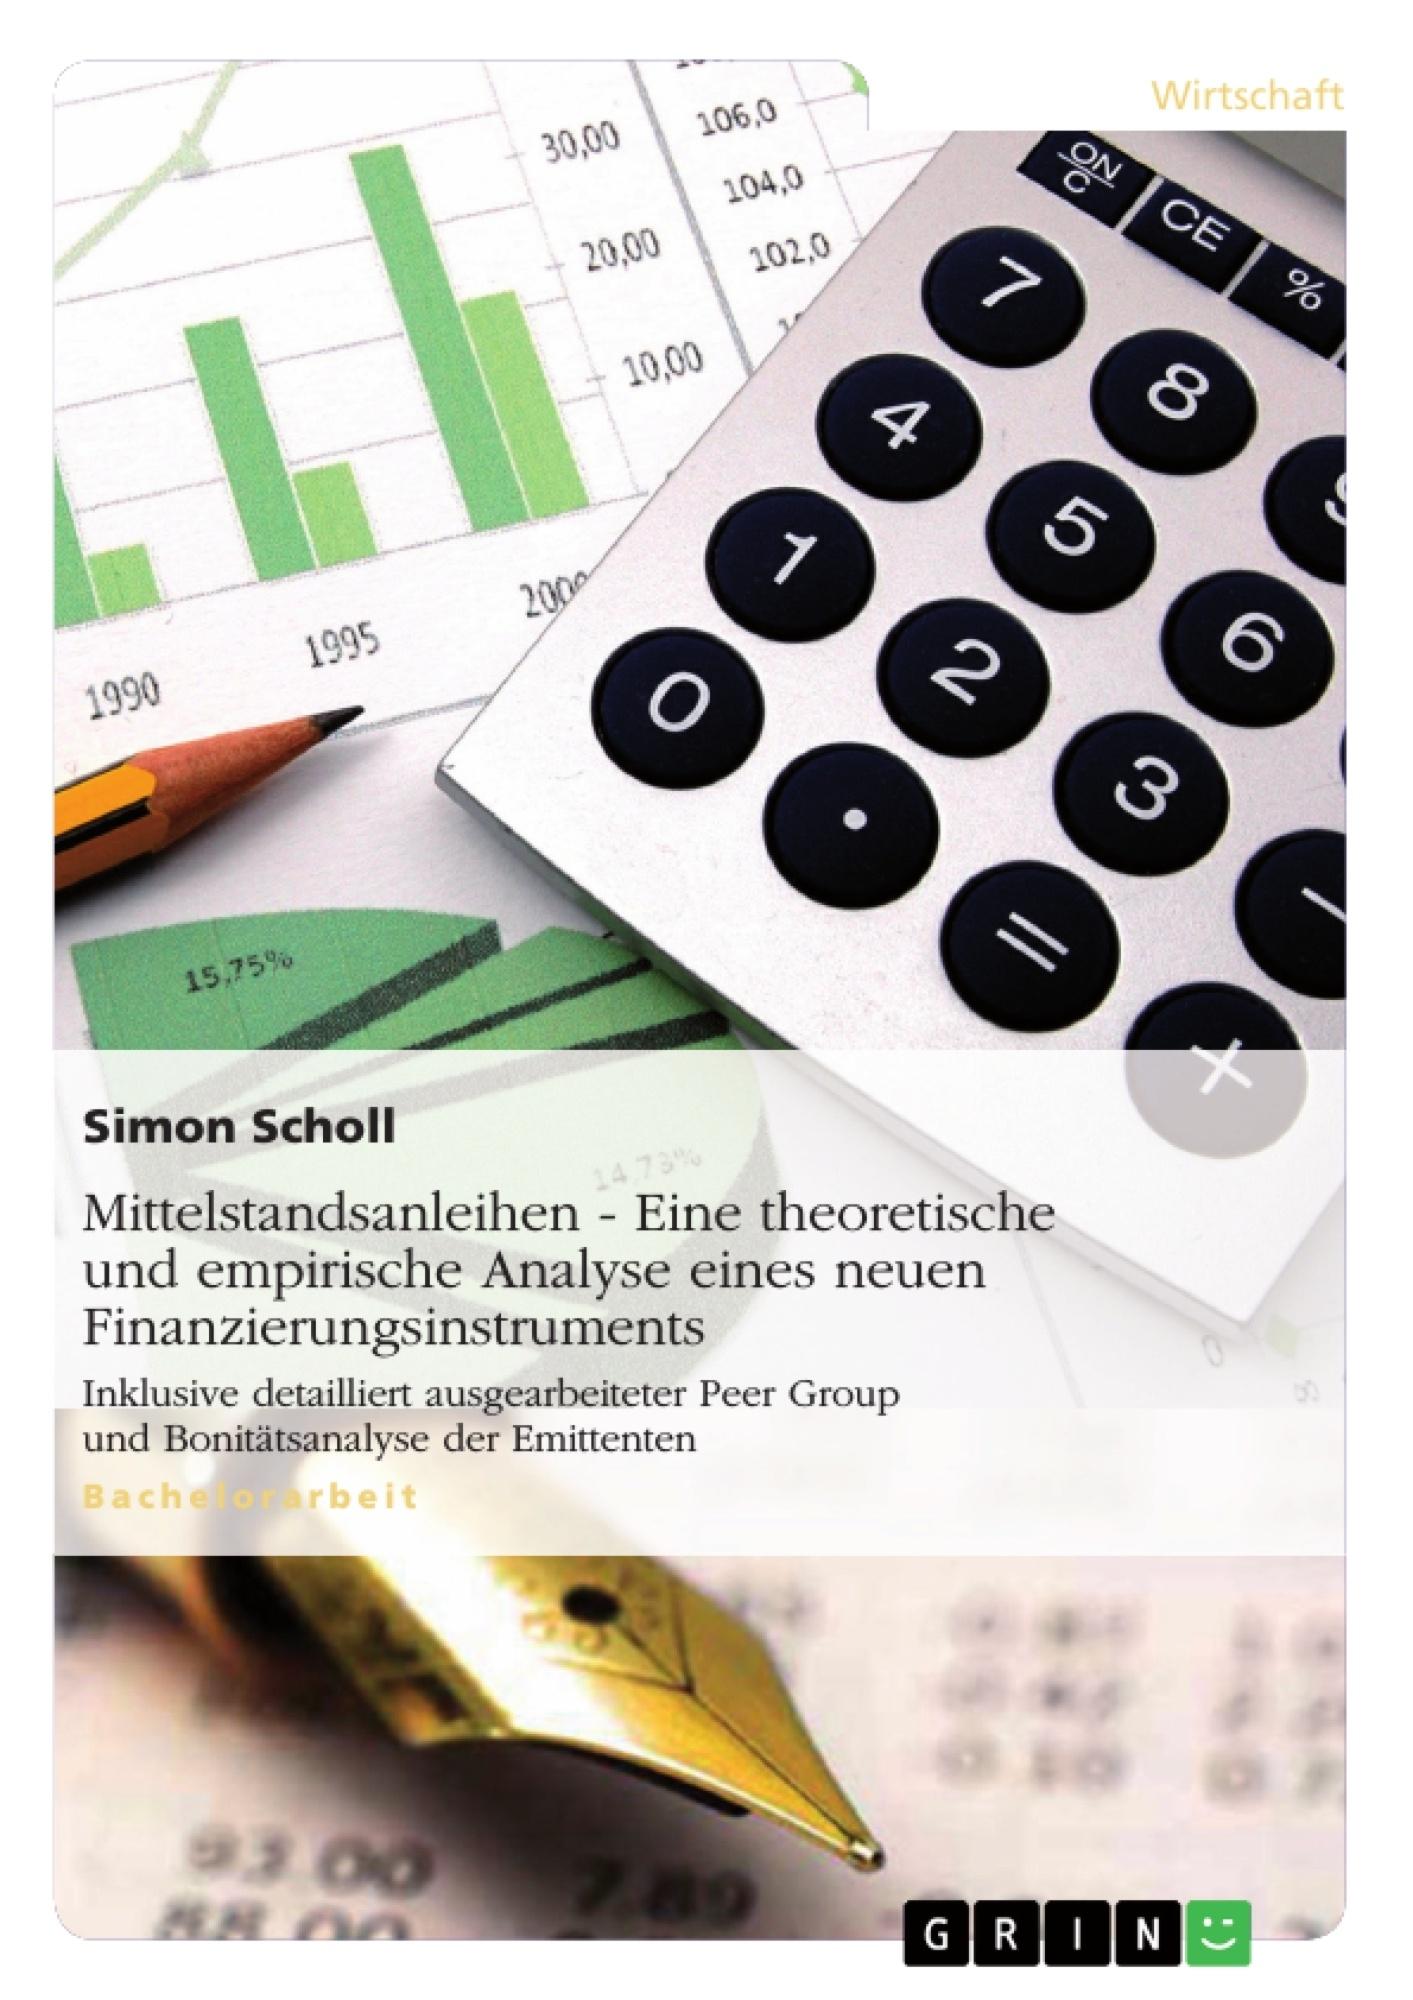 Titel: Mittelstandsanleihen - Eine theoretische und empirische Analyse eines neuen Finanzierungsinstruments